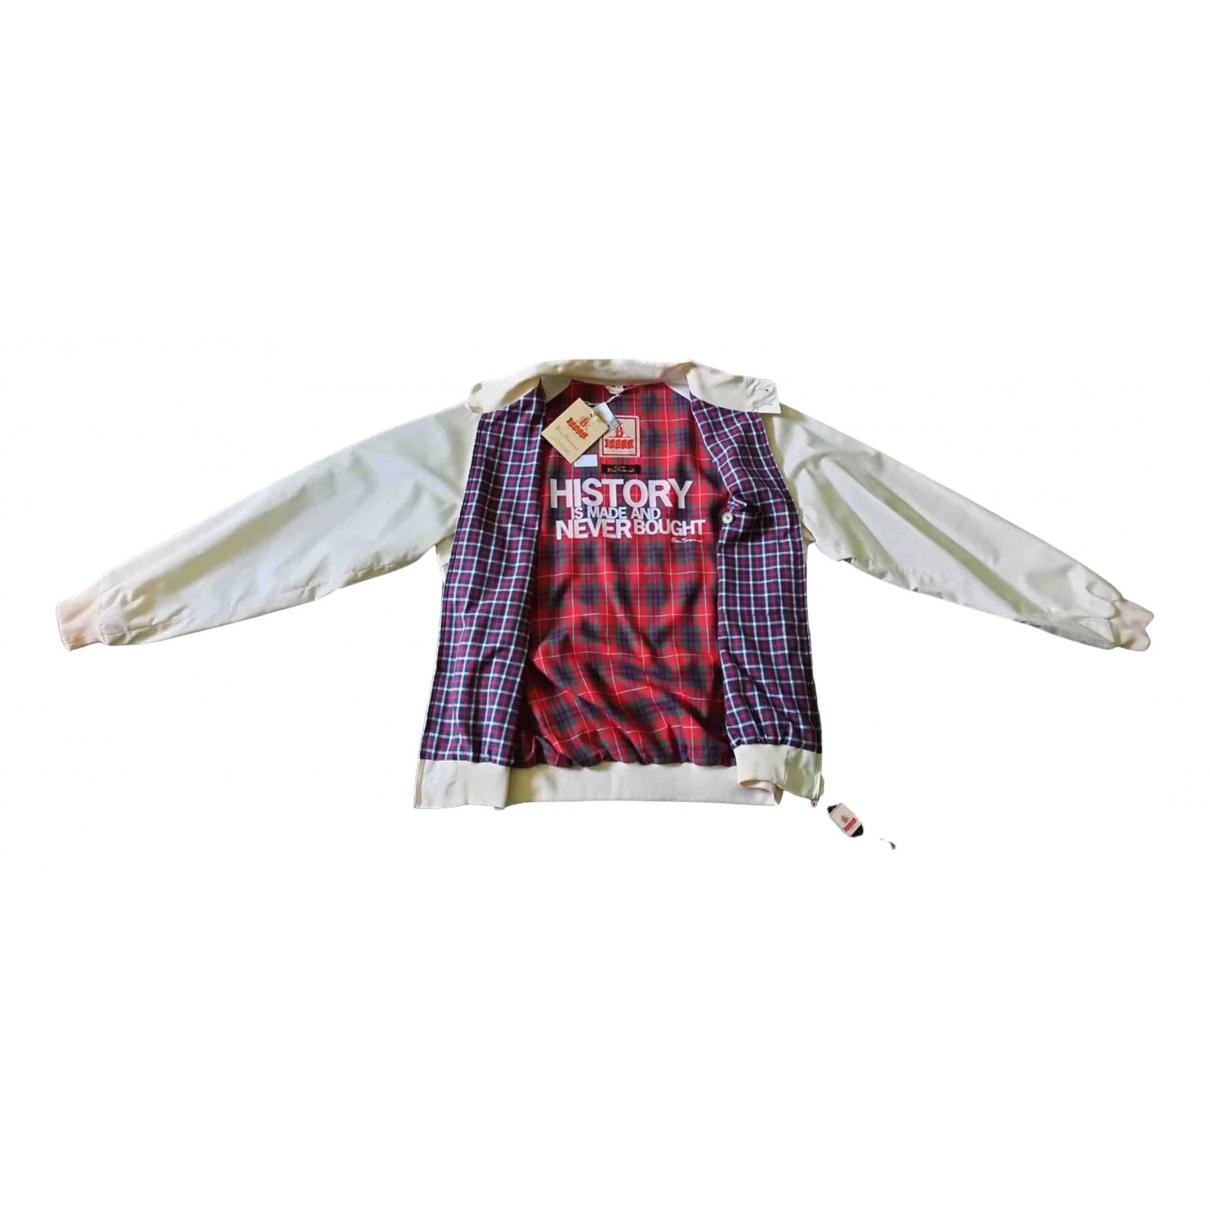 Baracuta \N jacket  for Men XL International